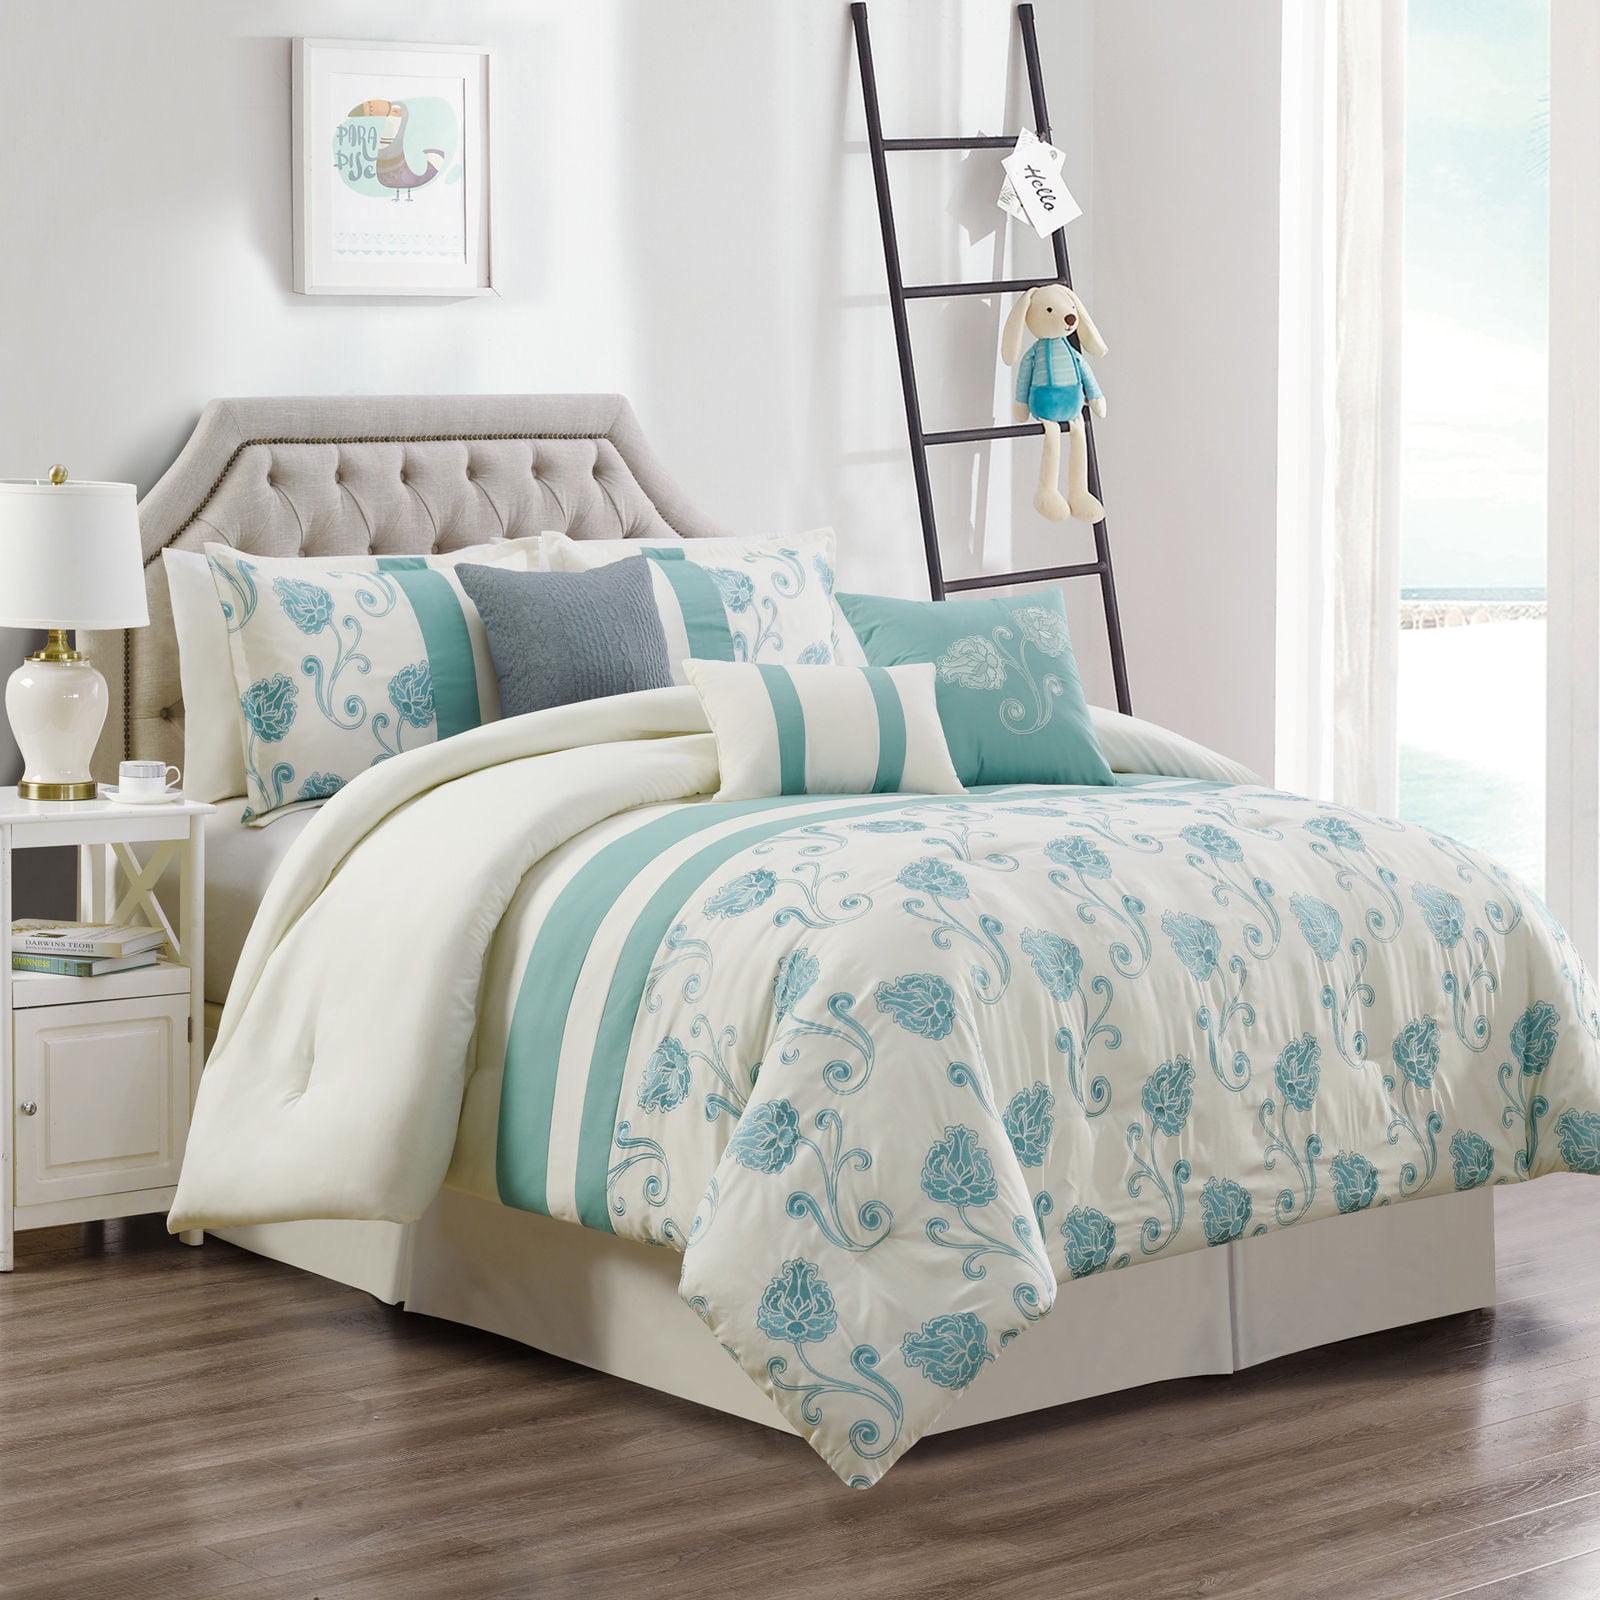 Chezmoi Collection Calais 7-Piece Floral Embroidery Comforter Set